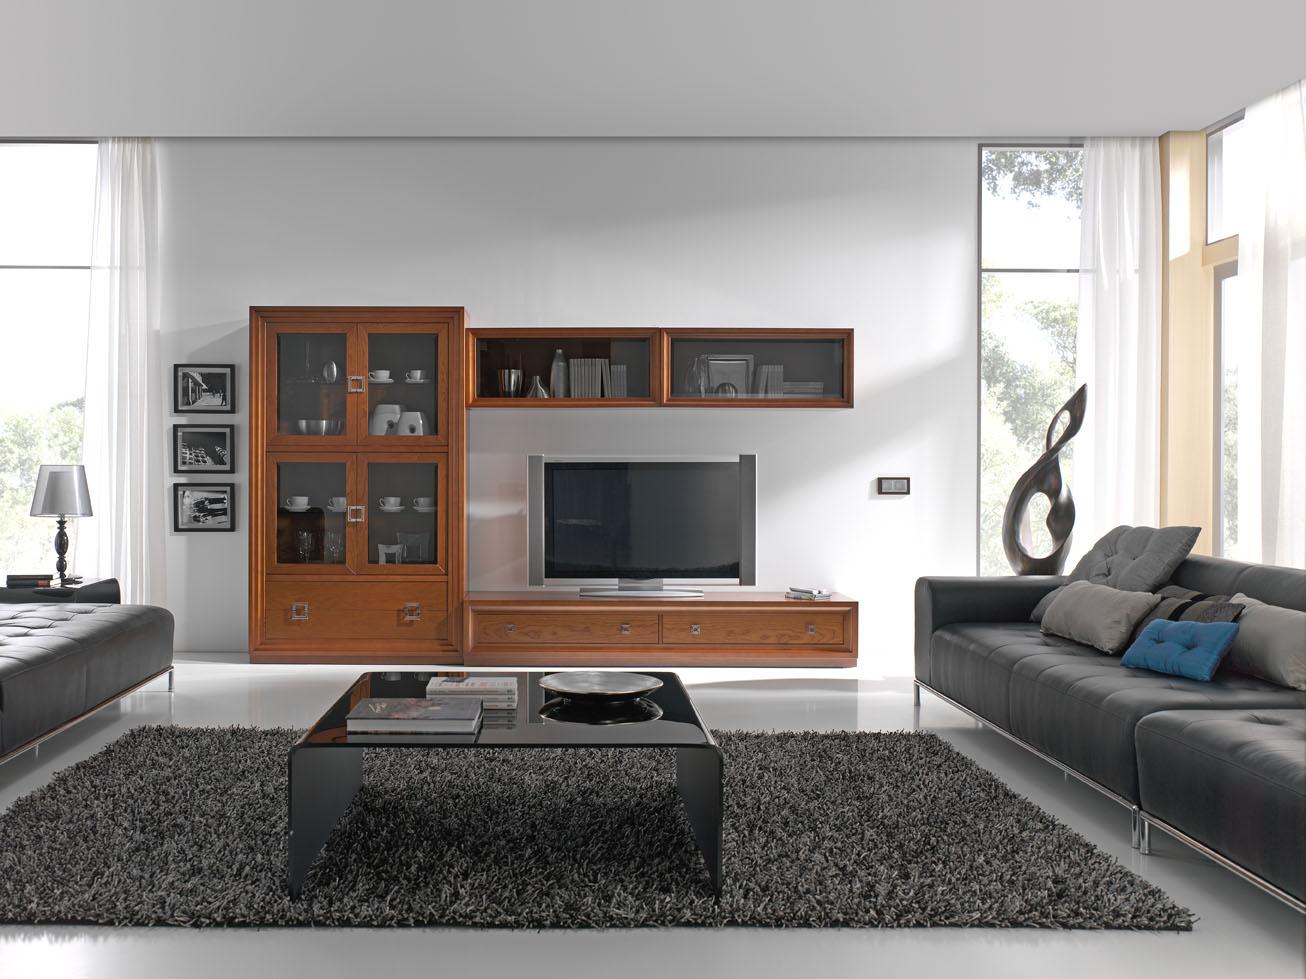 Salones y comedores estilo colonial muebles andaluc a - Salones estilo colonial moderno ...